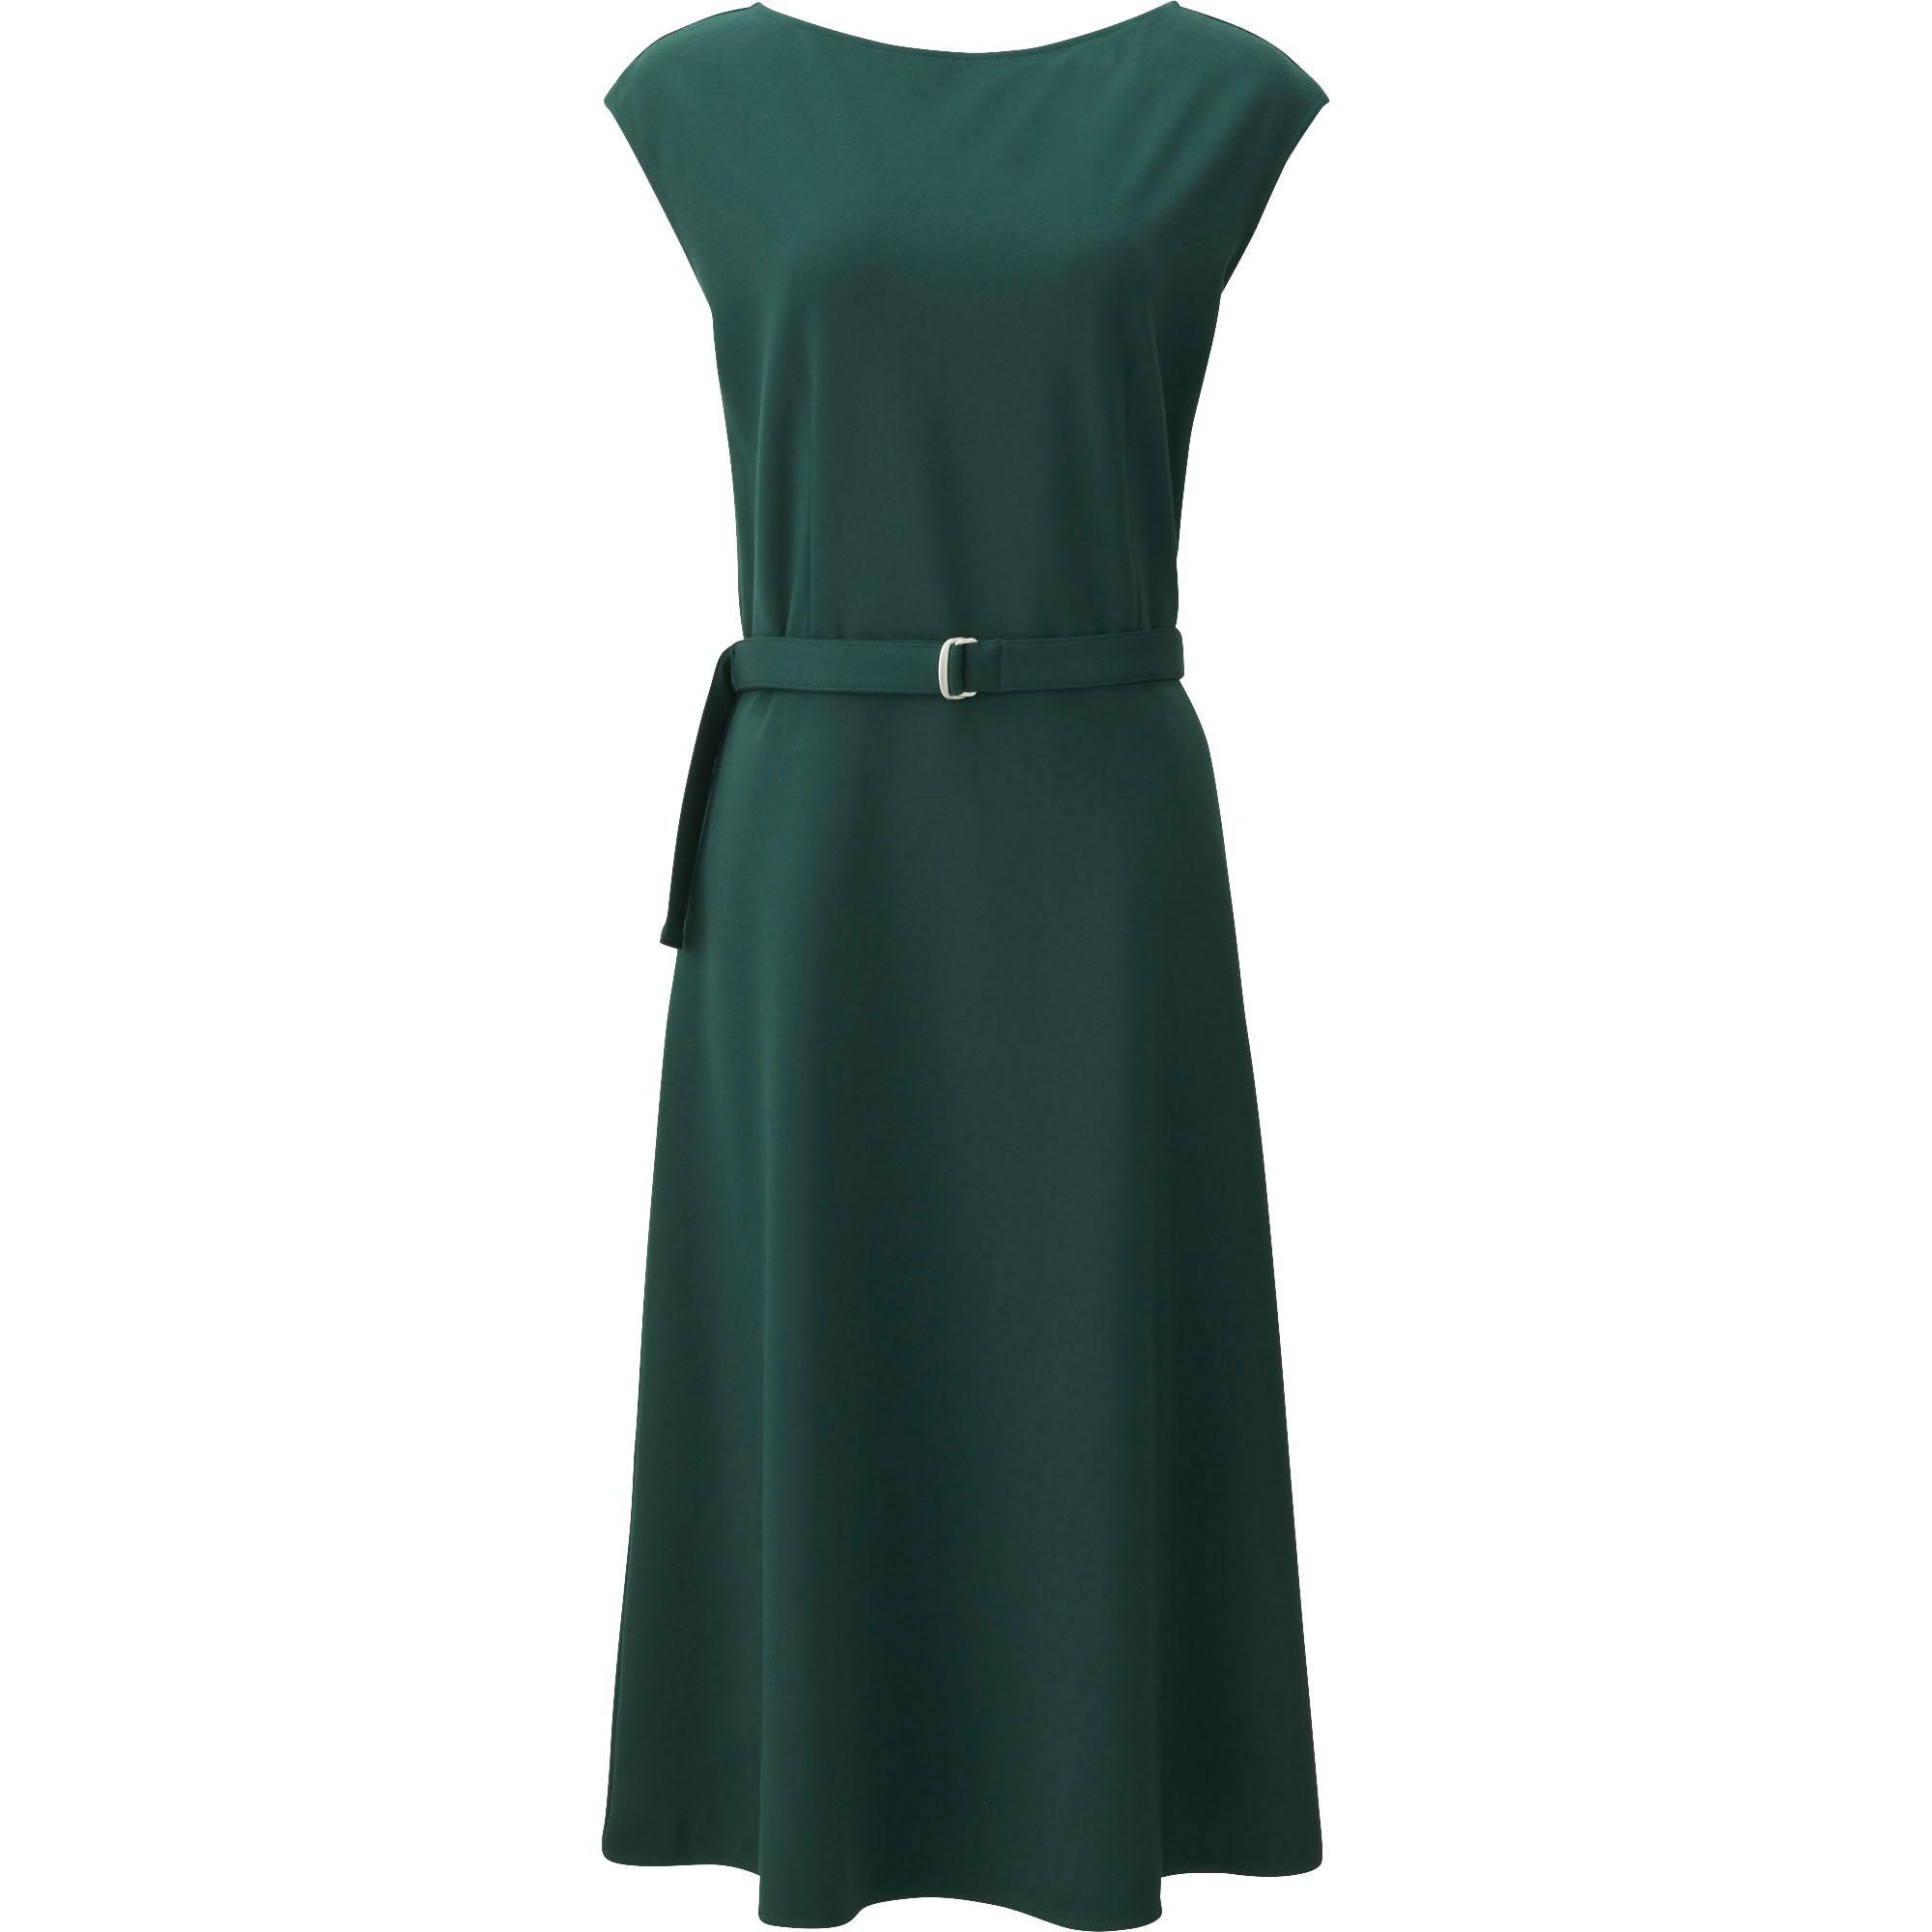 damen jurk | uniqlo de | kleiderstile, kleidung entwerfen